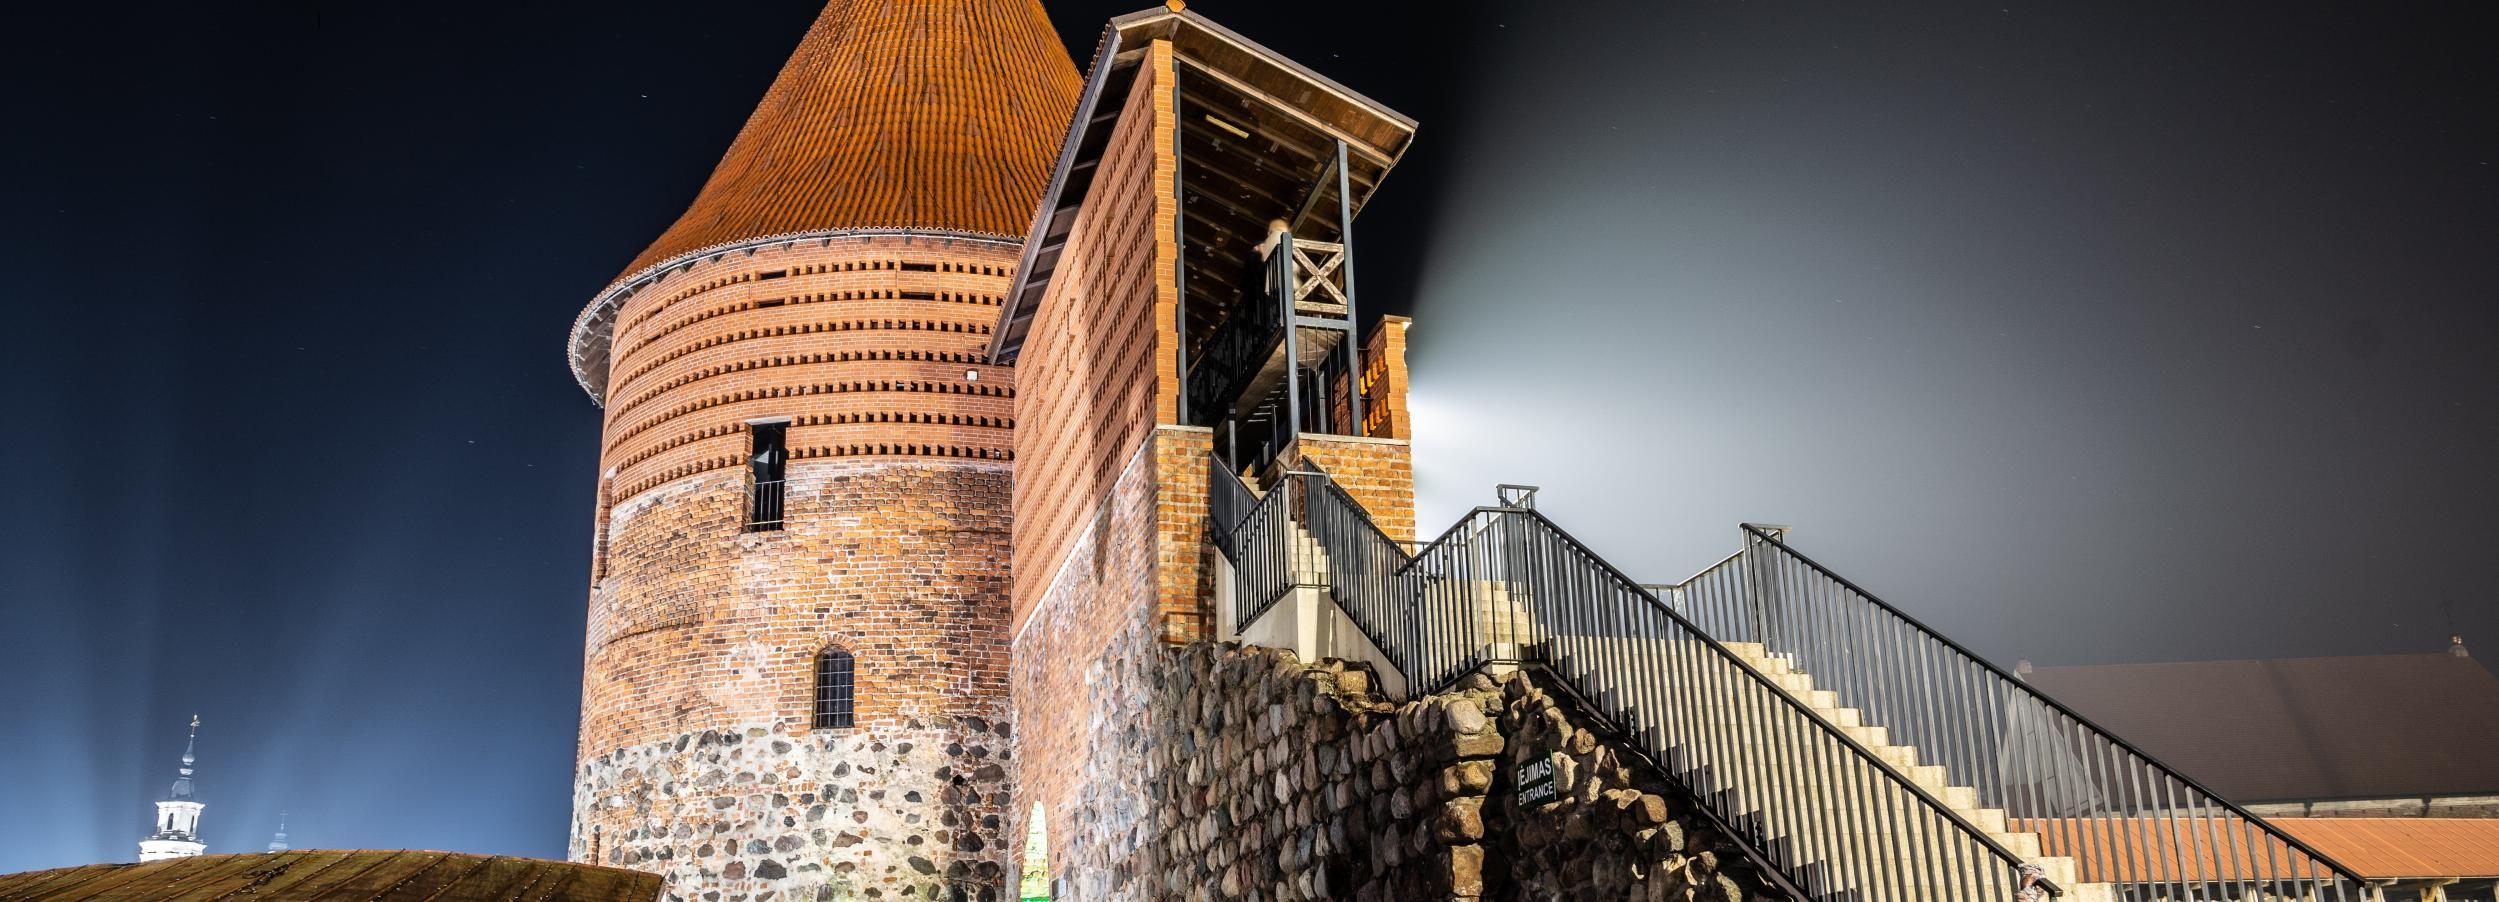 Cidade Velha de Kaunas: Tour Fantasma de 2 Horas